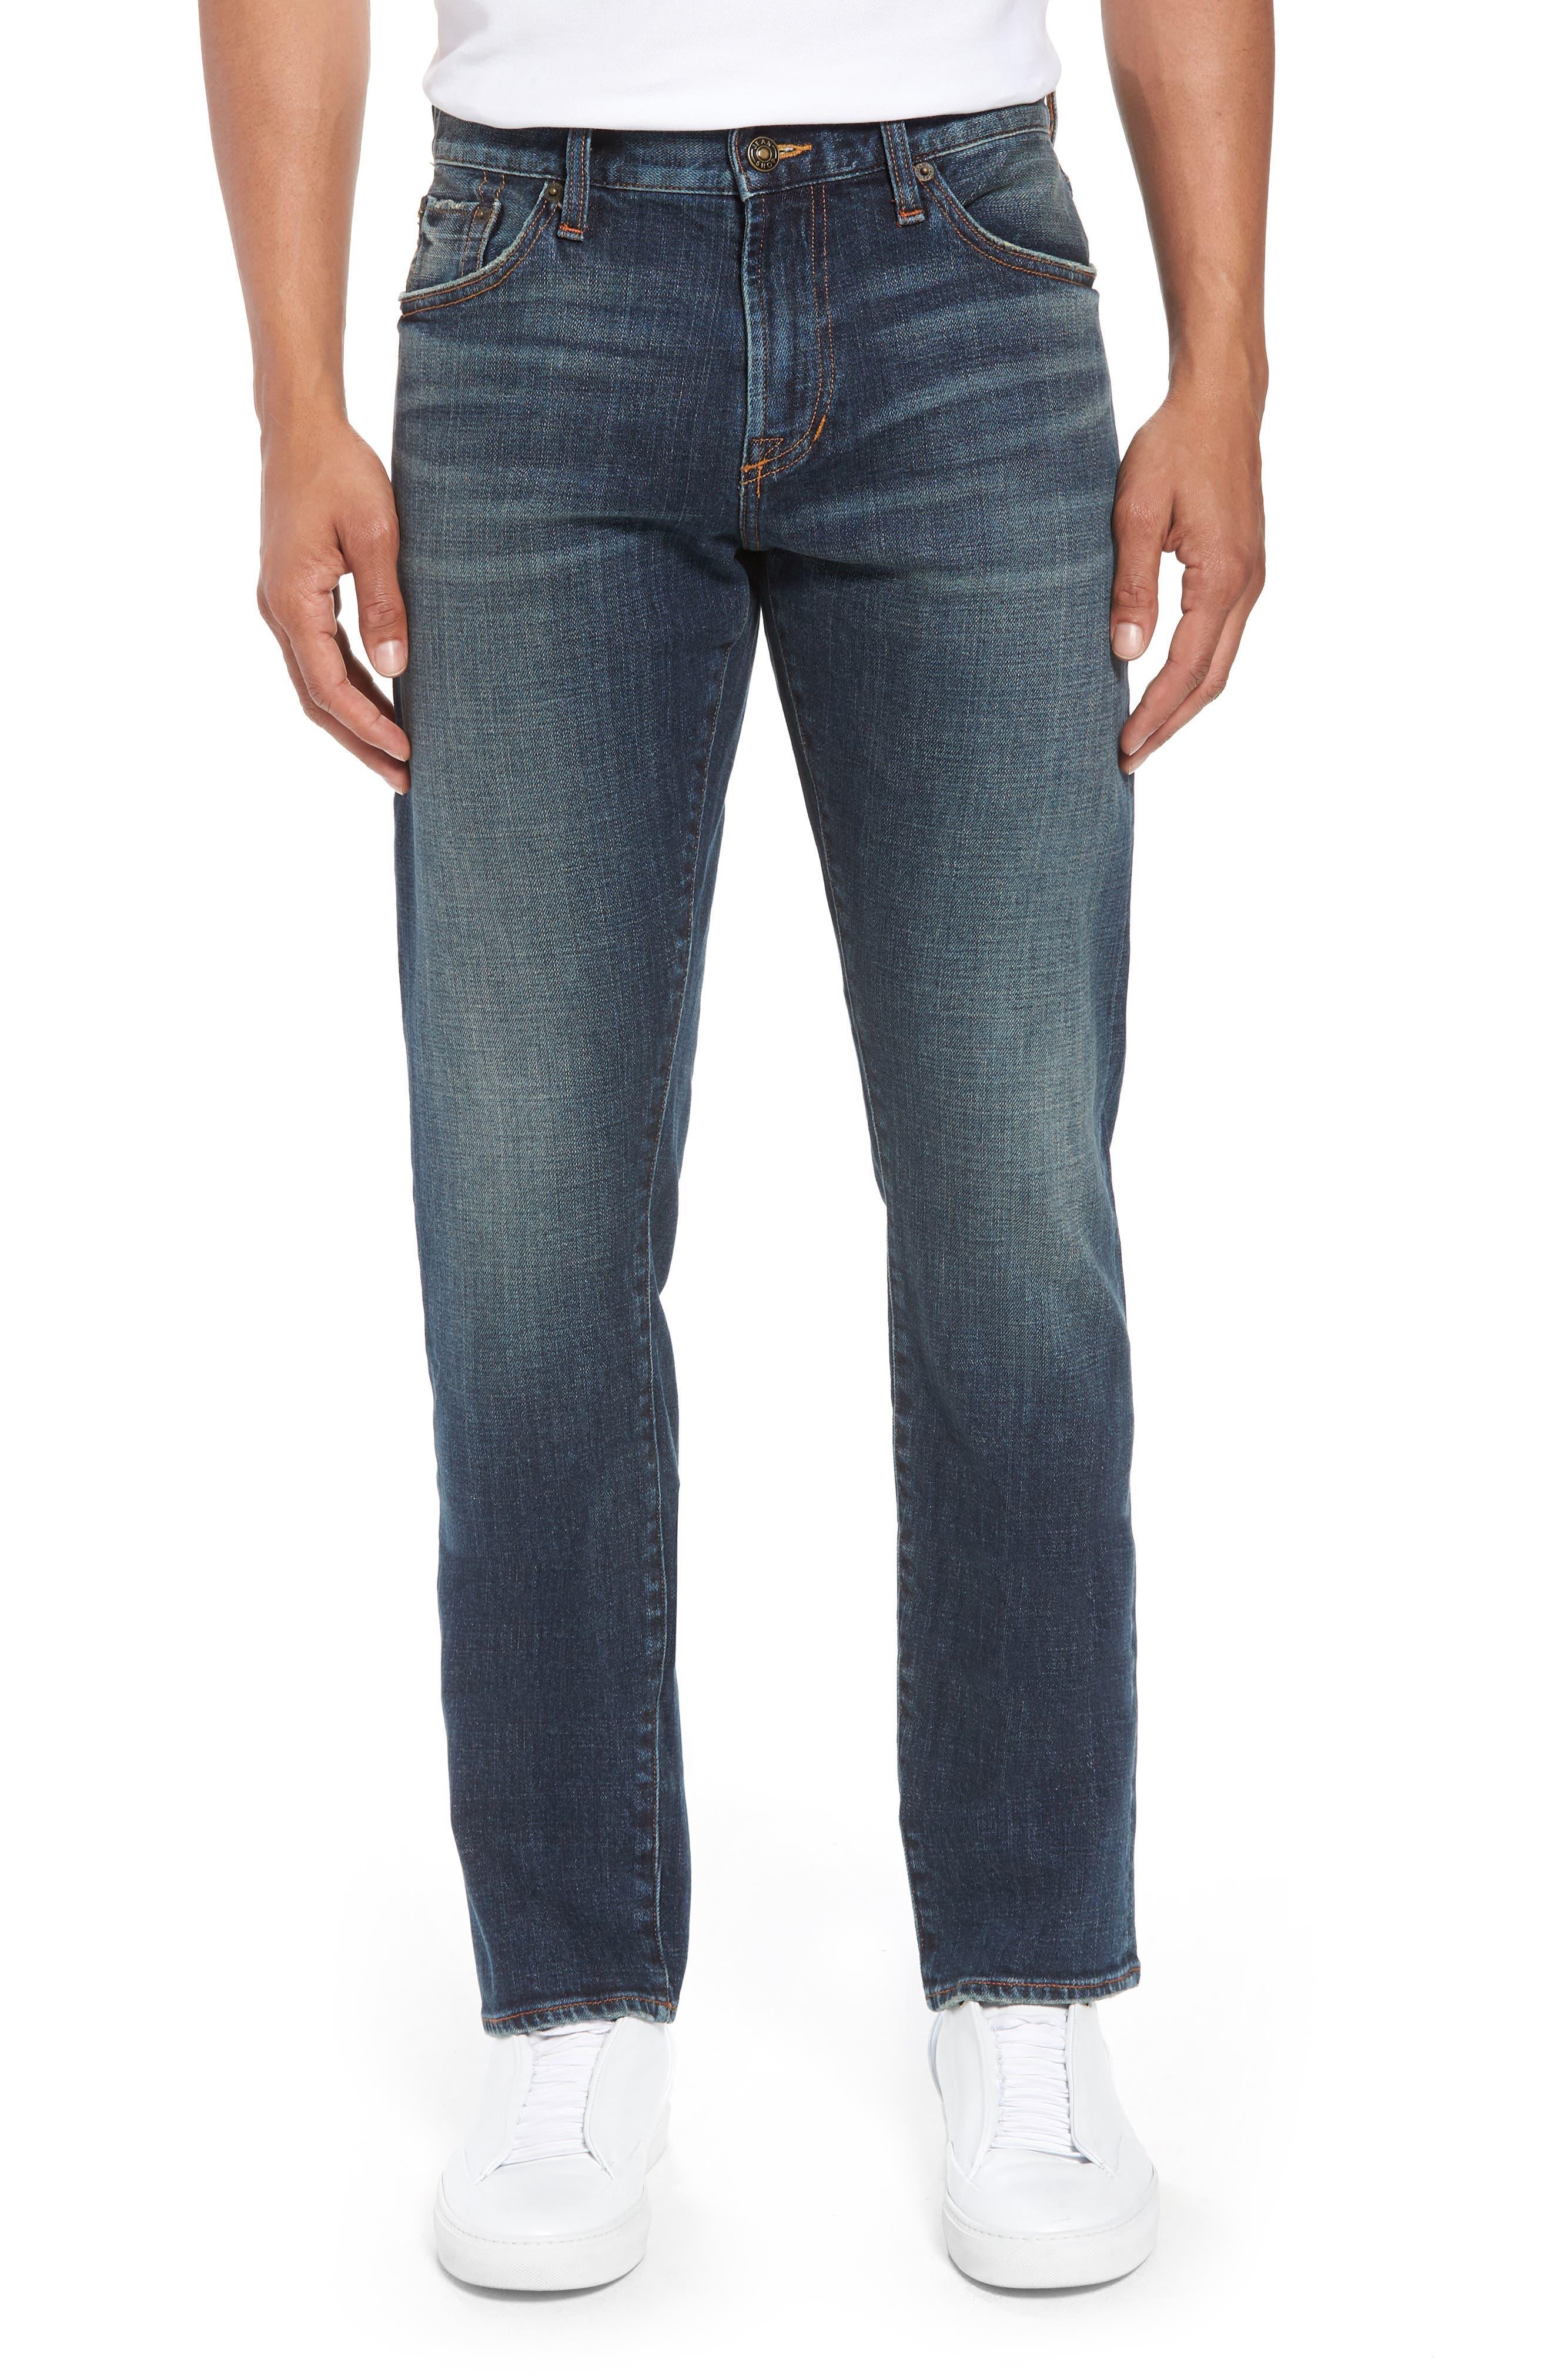 Mick Slim Straight Leg Jeans,                             Main thumbnail 1, color,                             Filmore